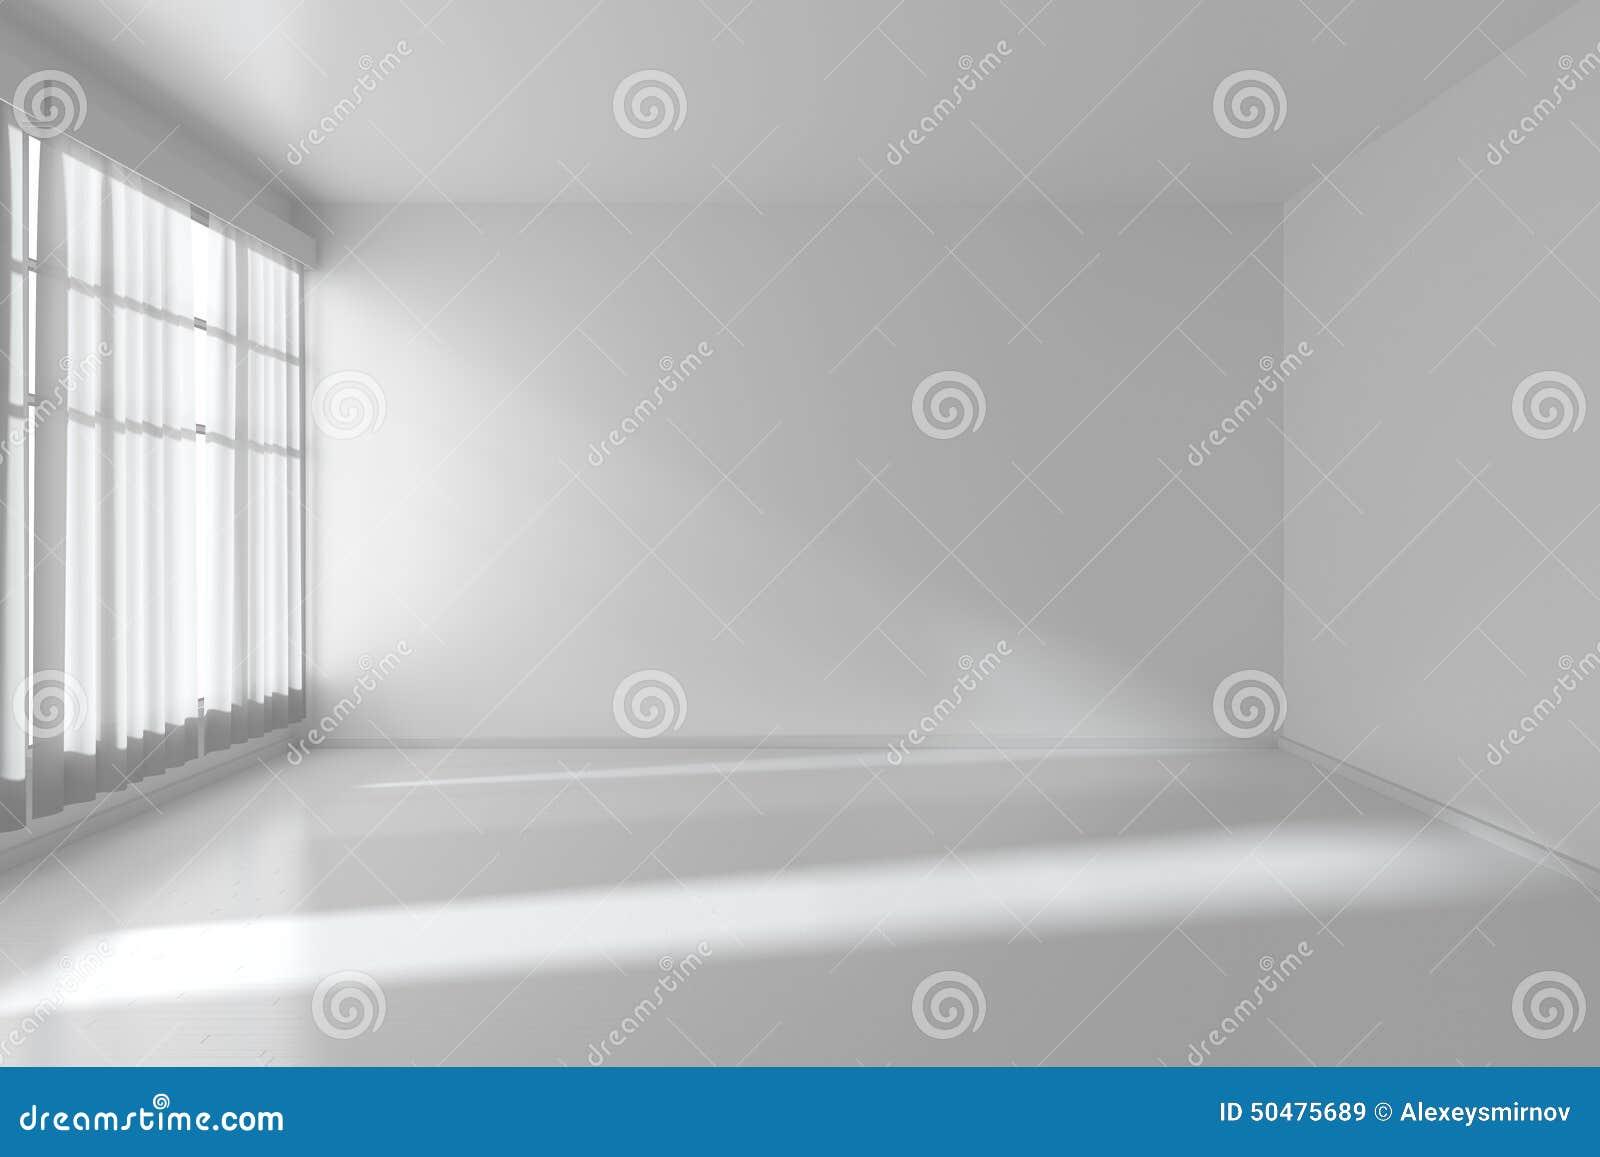 Pi Ce Vide Blanche Avec Les Murs Plats Plancher Blanc Et Fen Tre